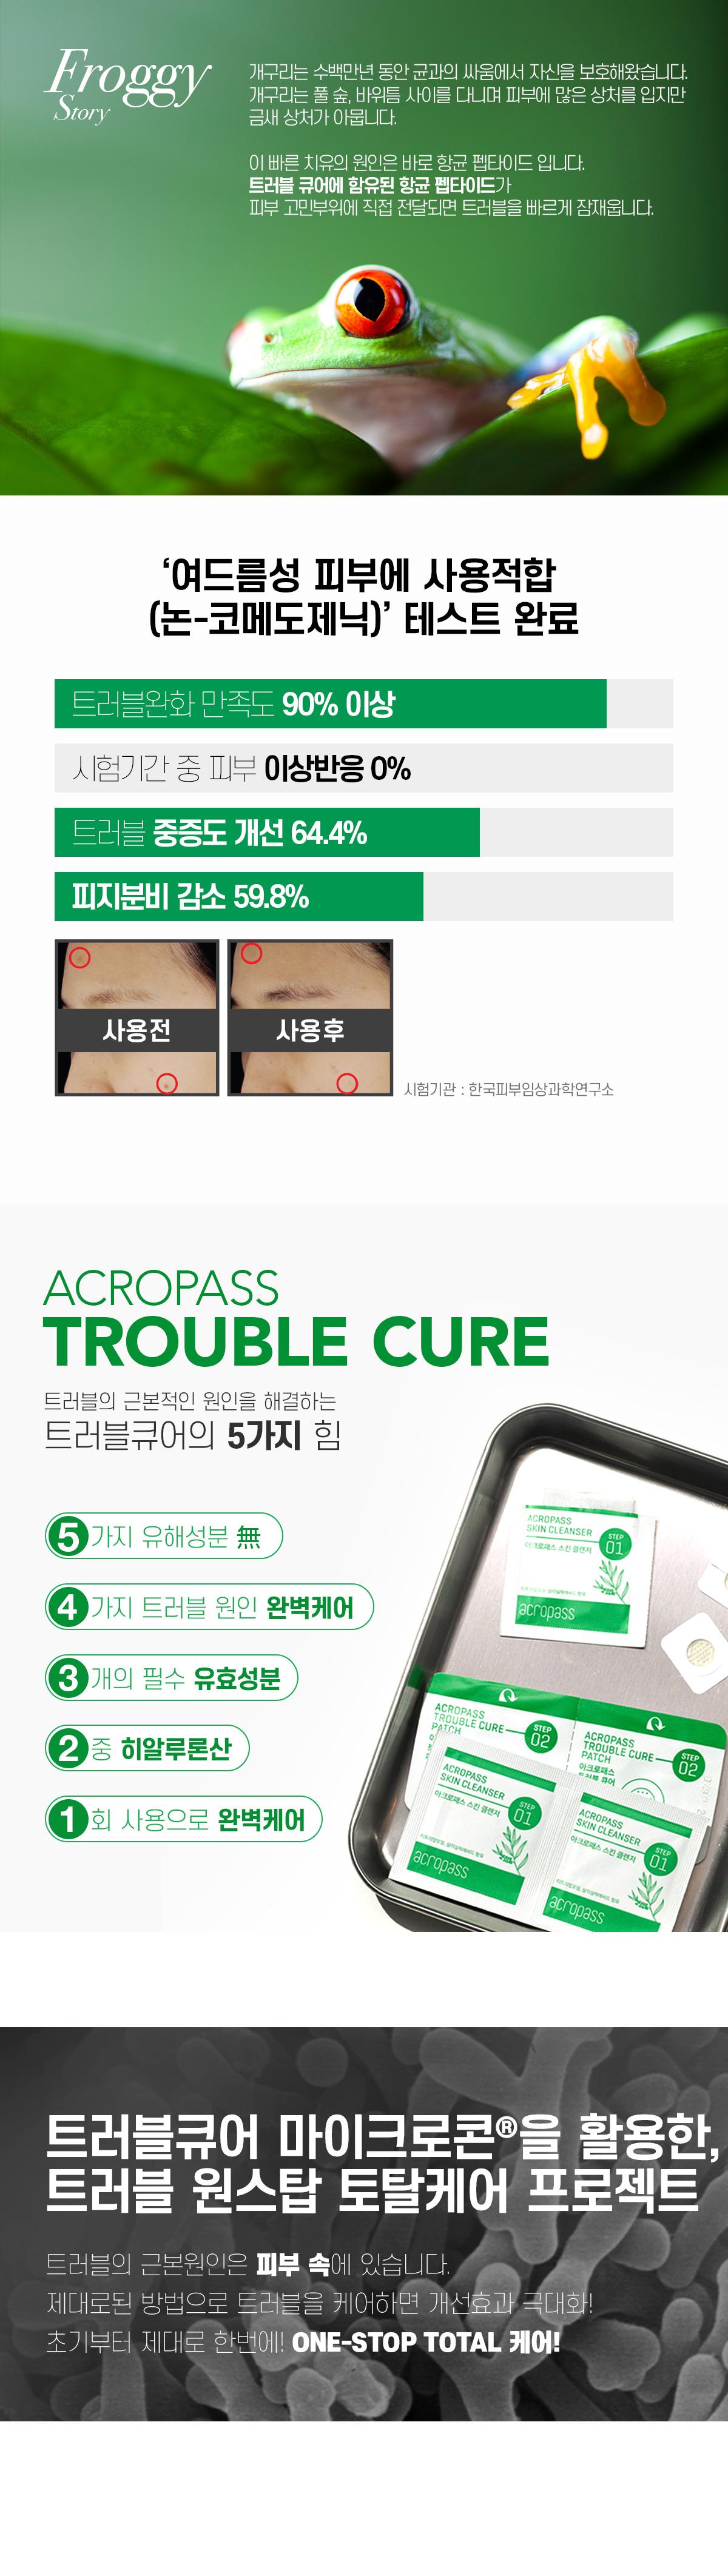 trouble_cure_03!.jpg